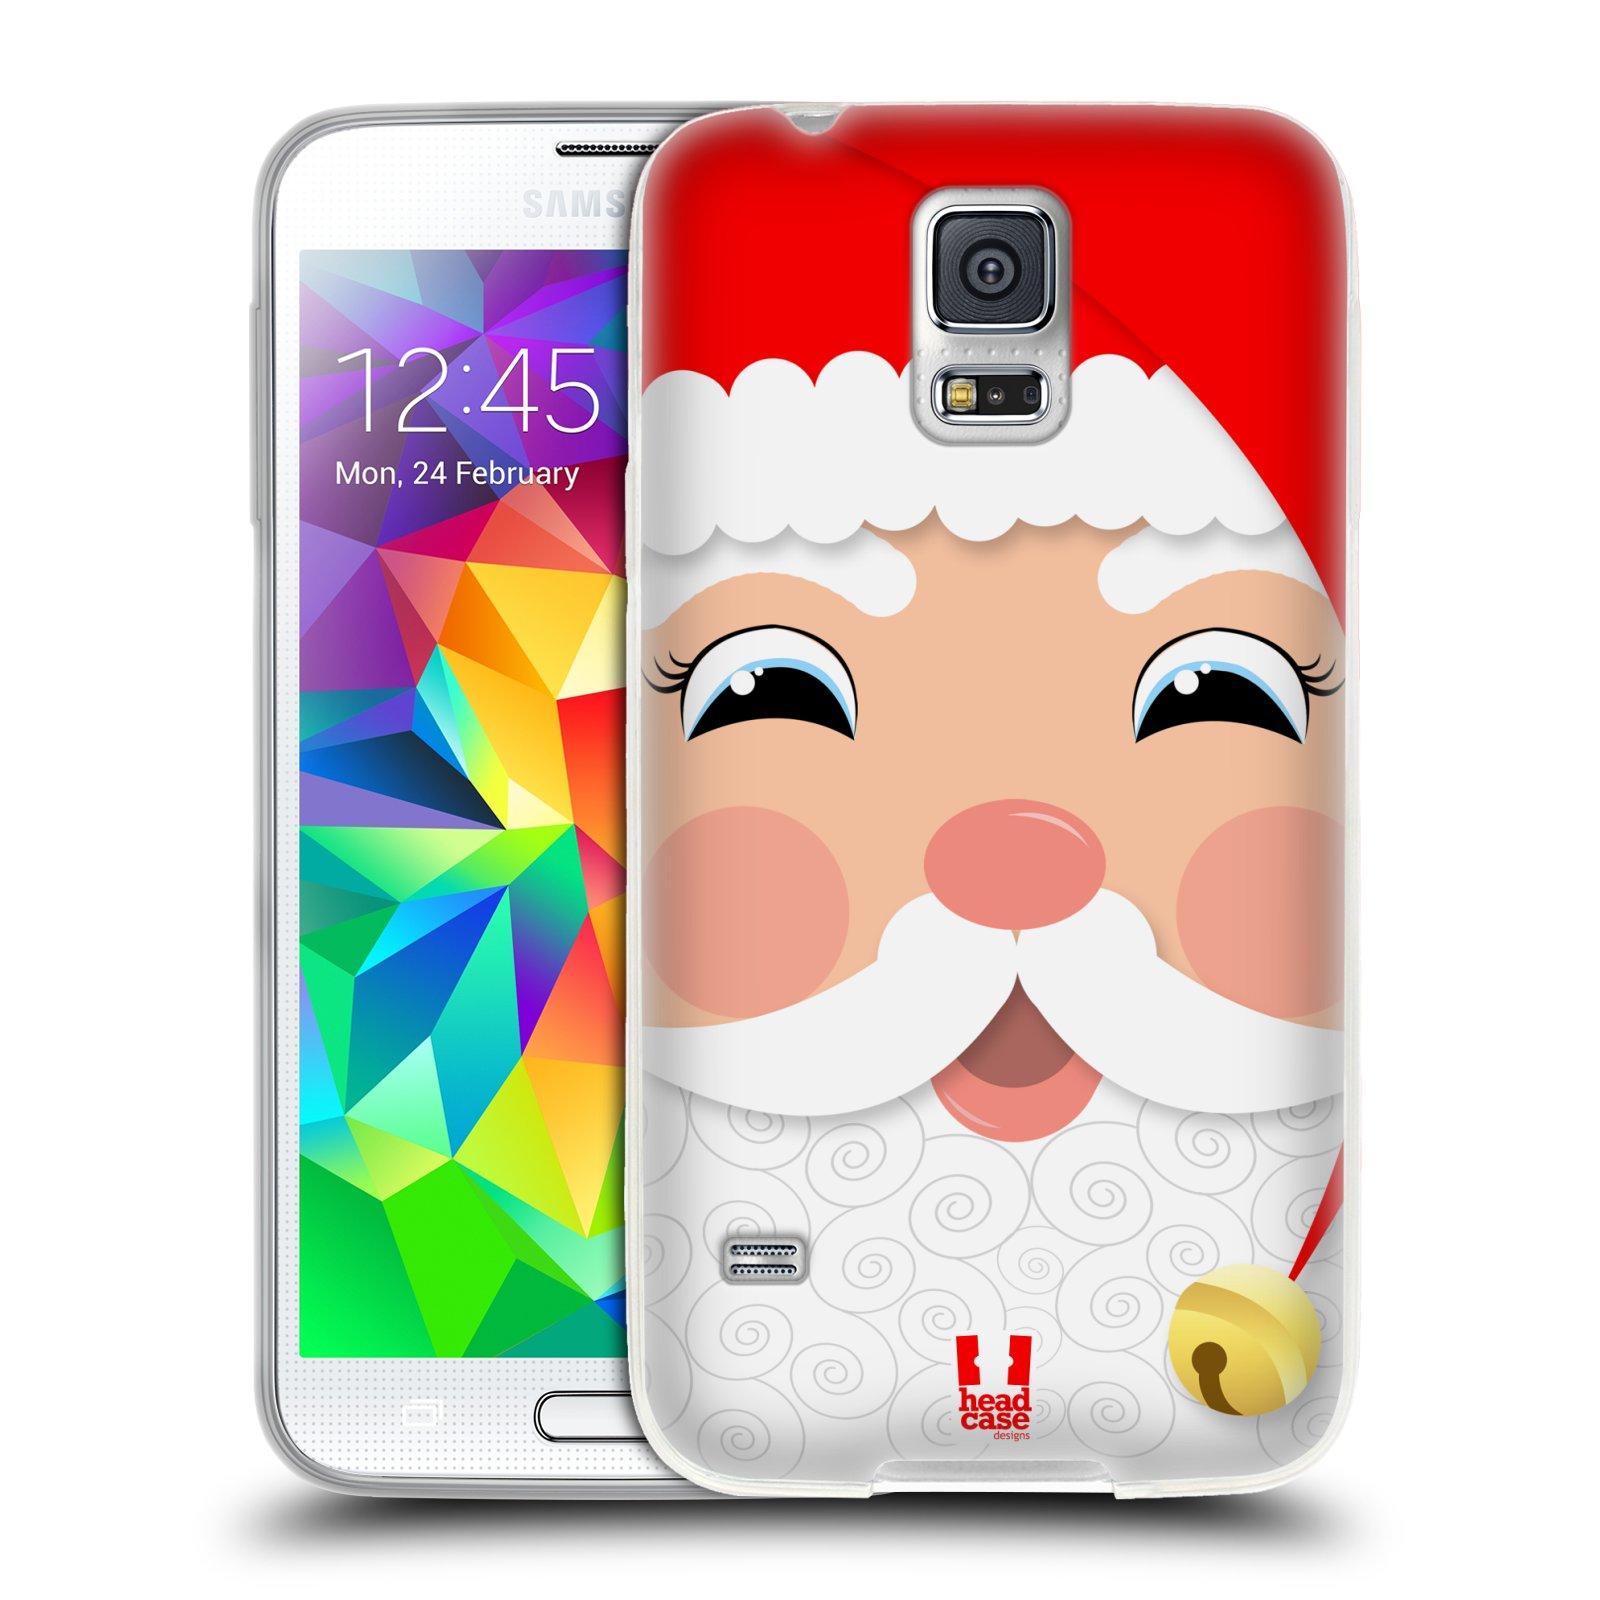 Silikonové pouzdro na mobil Samsung Galaxy S5 HEAD CASE VÁNOCE SANTA (Silikonový kryt či obal na mobilní telefon Samsung Galaxy S5 SM-G900F)